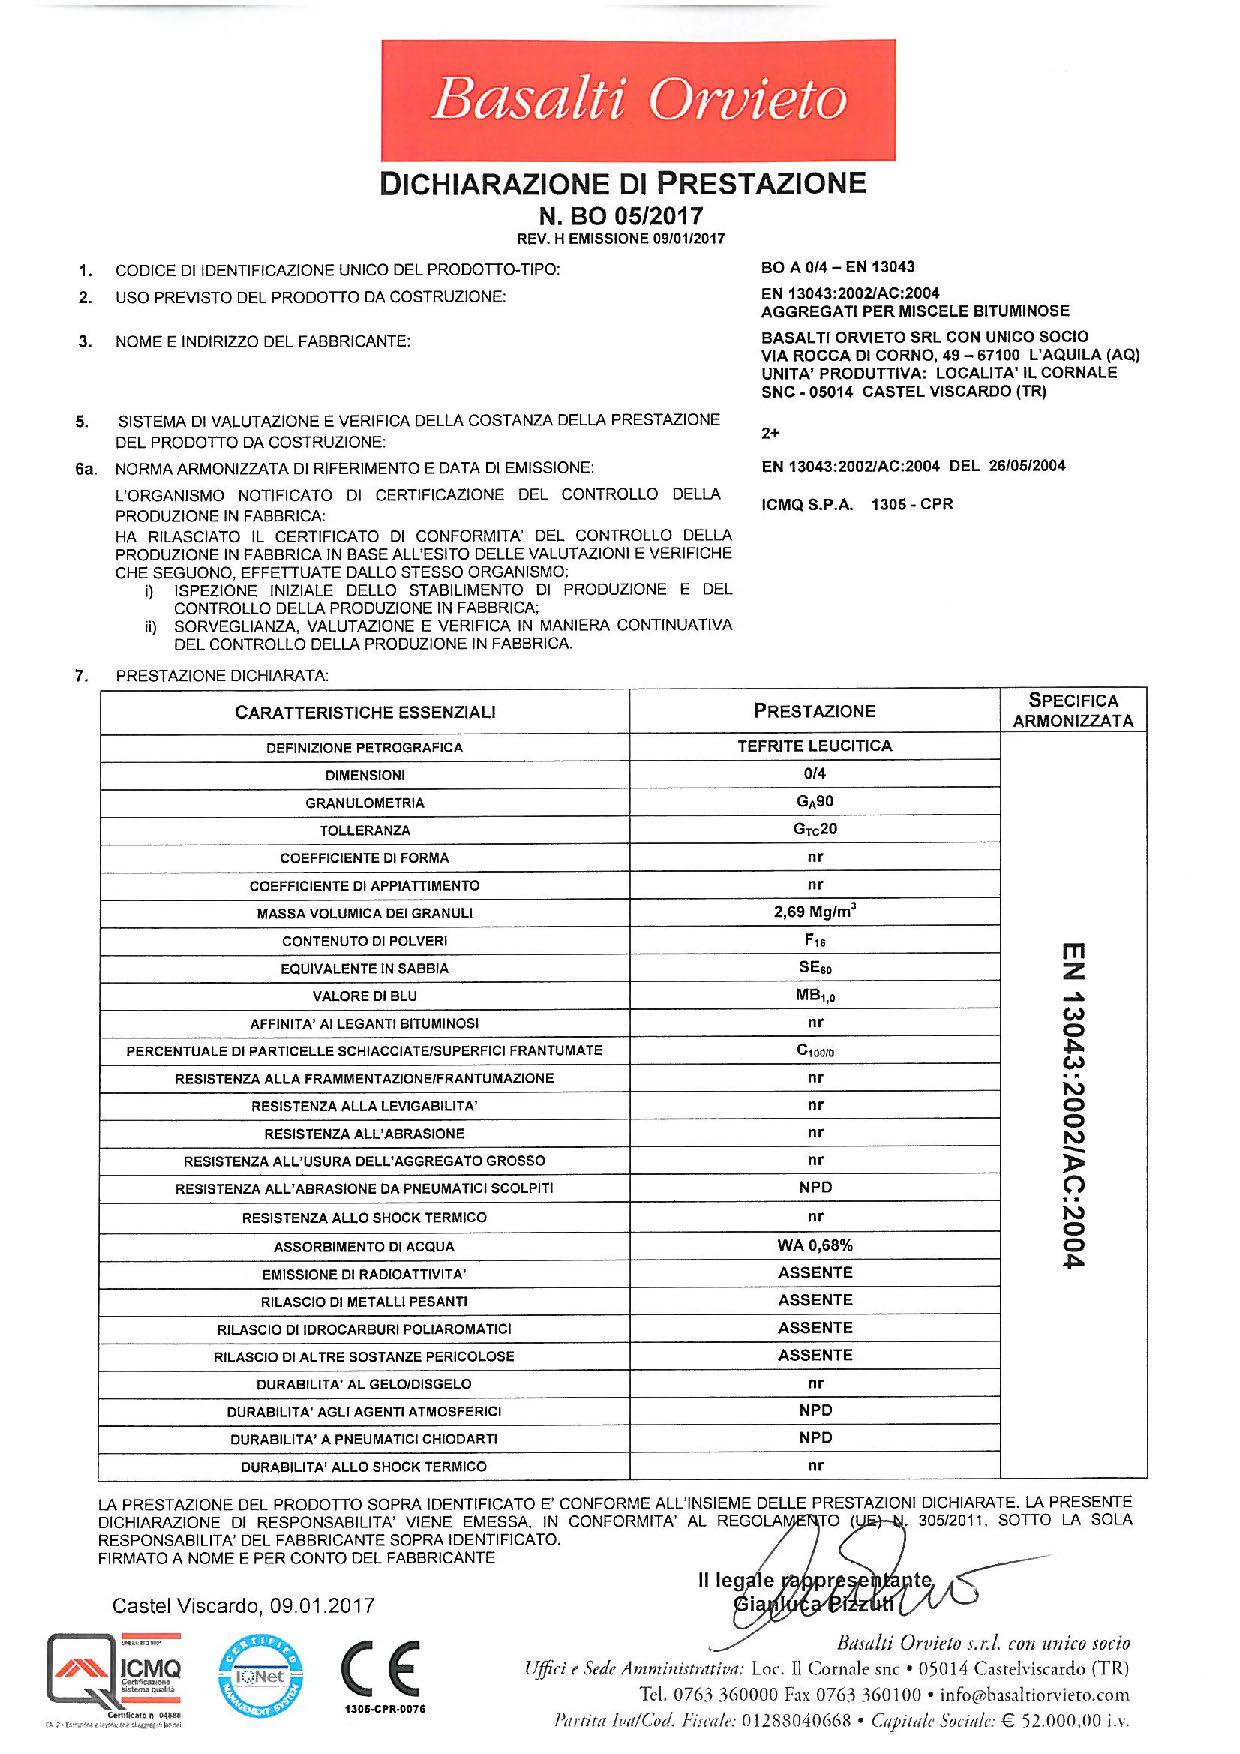 Asfalto_DoP 0-4 - EN 13043